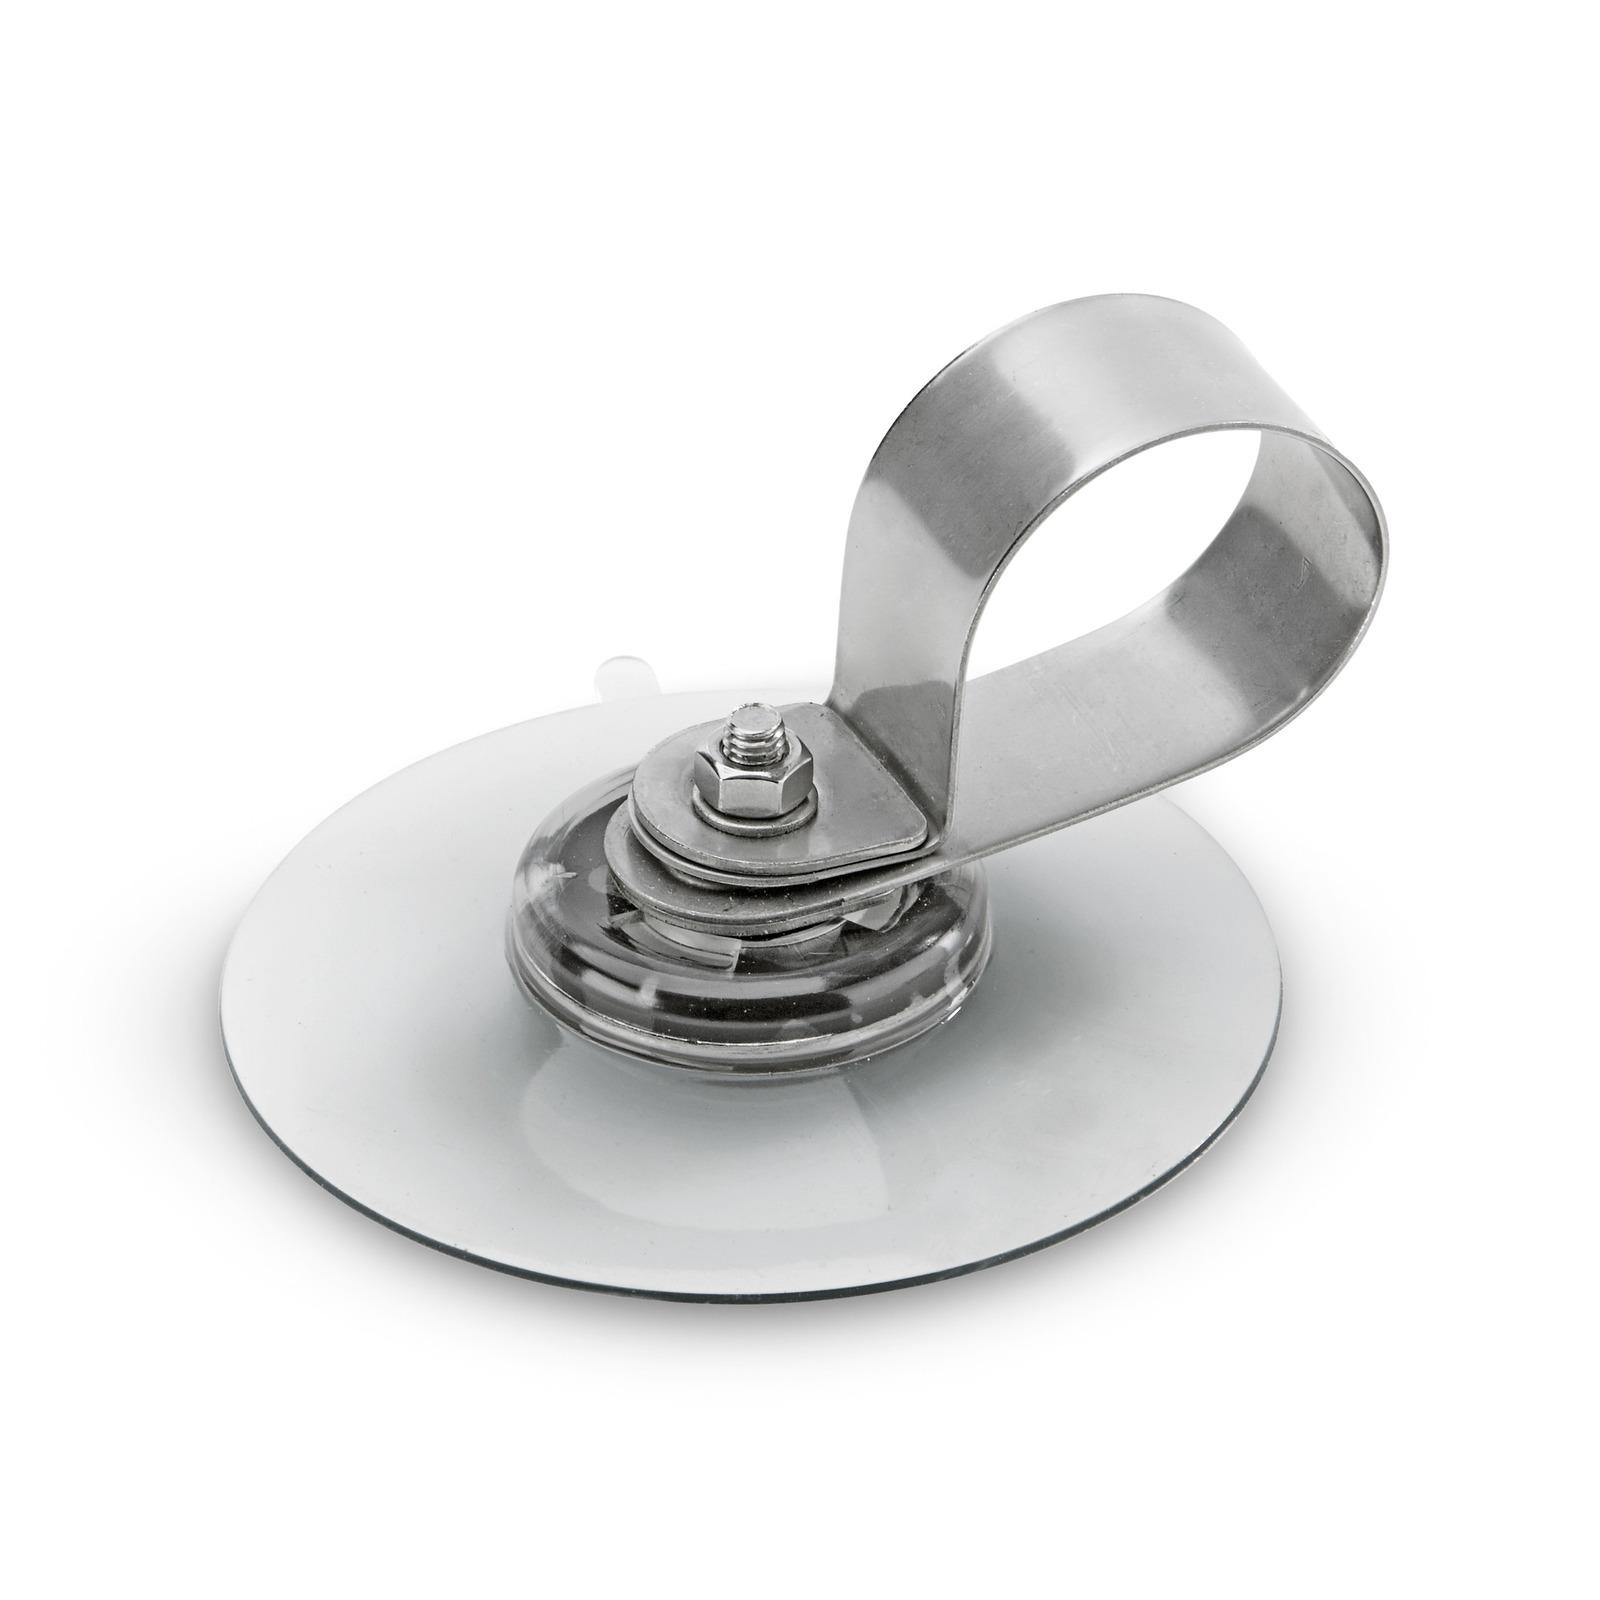 Kärcher - ABS upevnění hadice